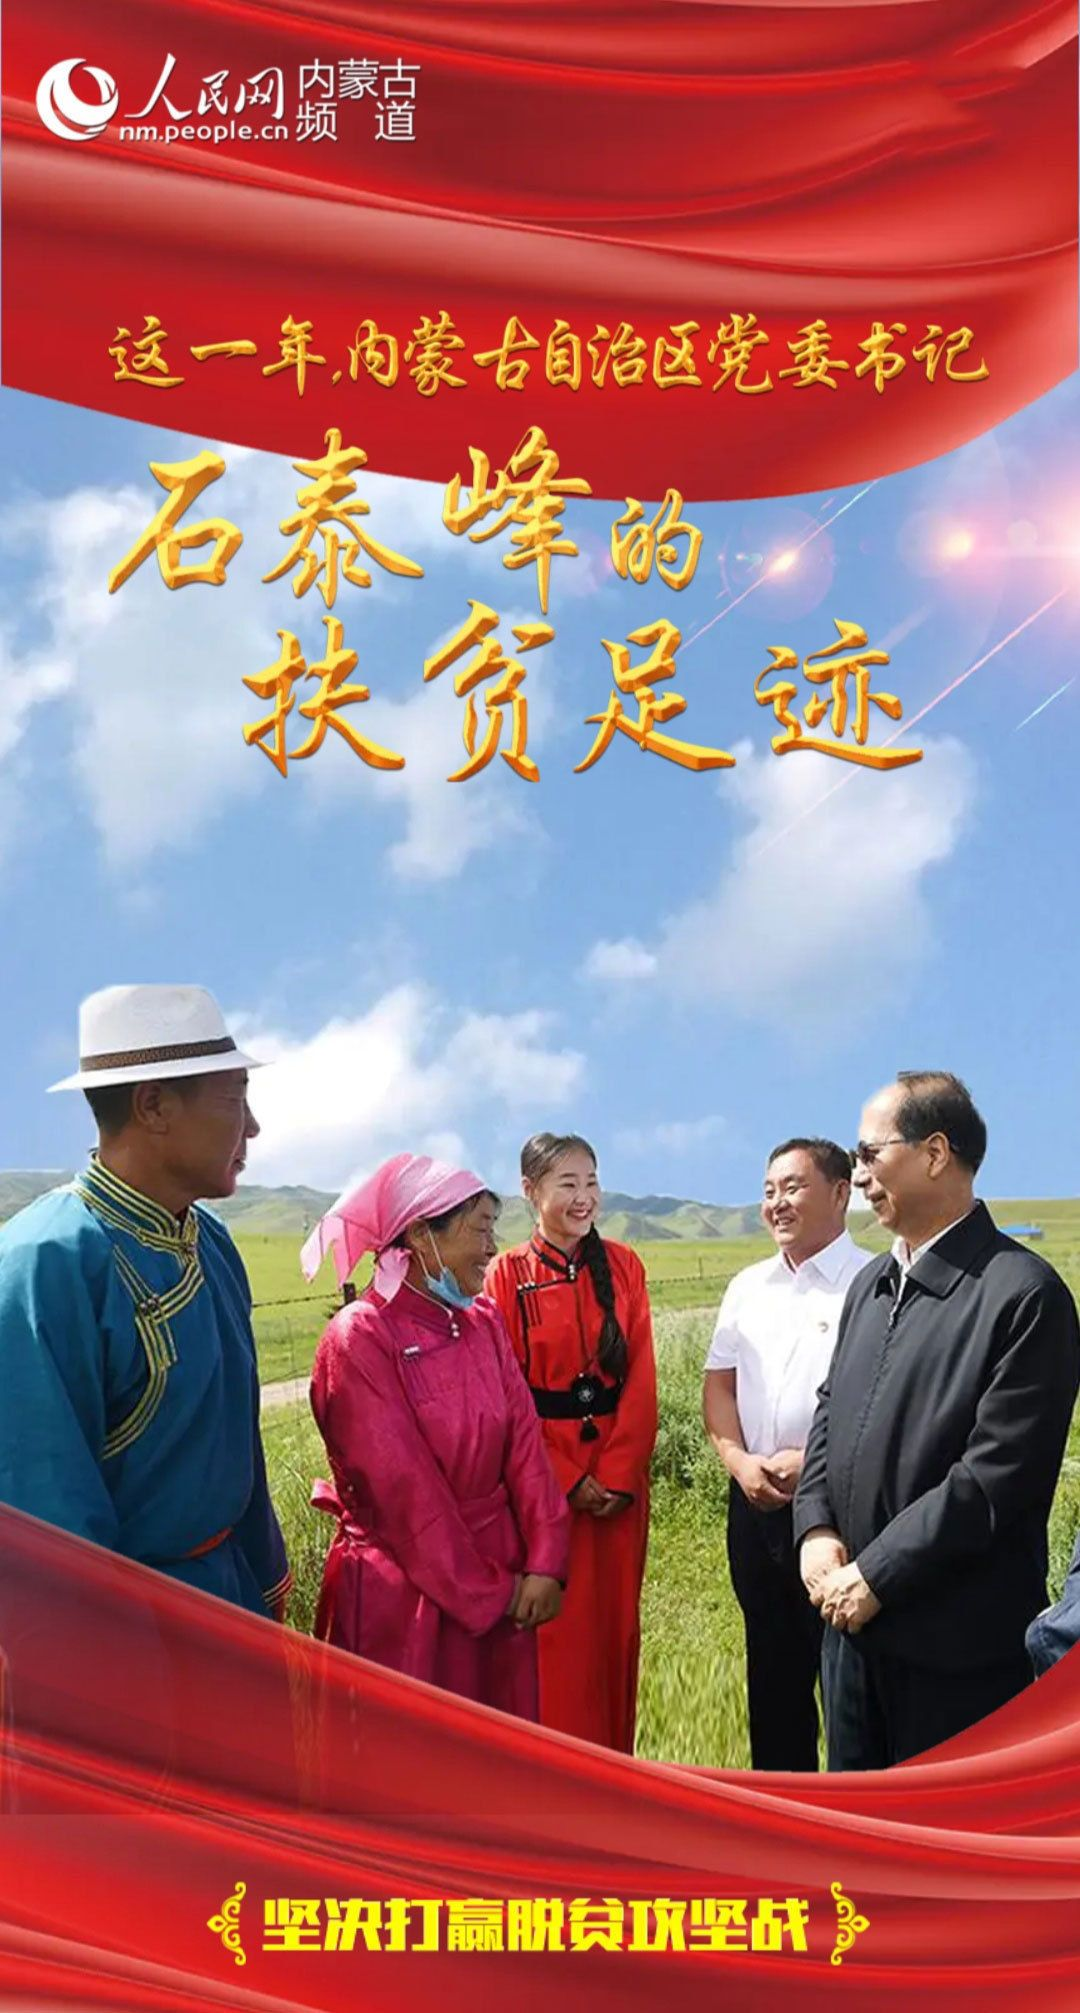 这一年,内蒙古自治区党委书记石泰峰的扶贫足迹